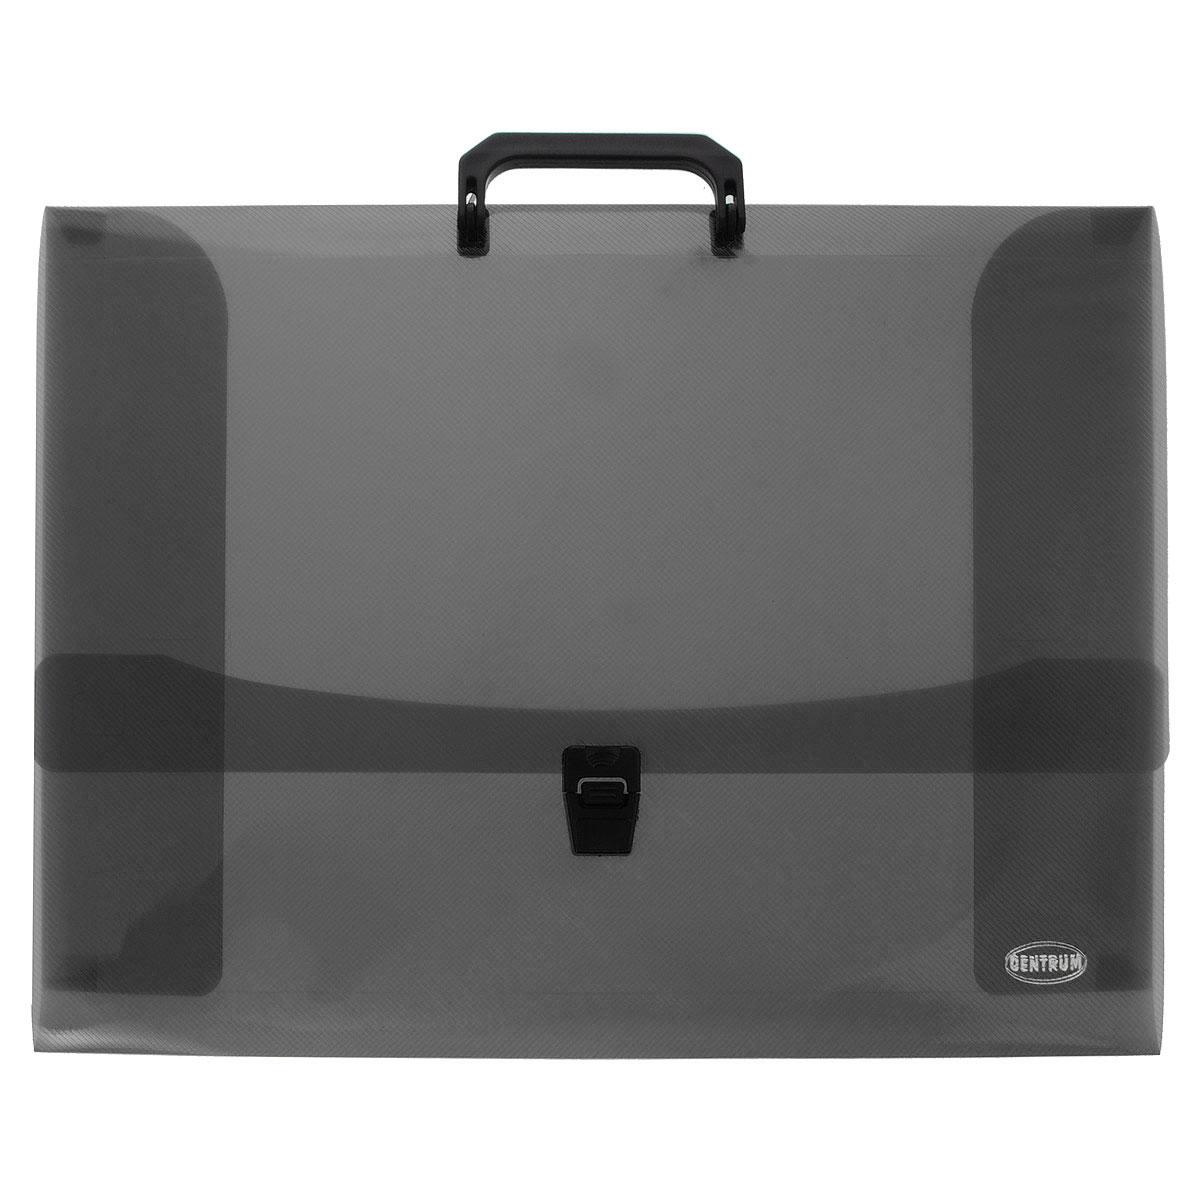 Портфель для художественных работ Centrum, цвет: черный, 7,5 см. Формат А380652ЧПортфель Centrum - это удобный и функциональный офисный инструмент, предназначенный для хранения и транспортировки рабочих бумаг и документов формата А3.Портфель изготовлен из износостойкого непрозрачного пластика, имеет перфорацию на клапане и обложке, что позволяет закреплять клапан лентой или шнурком. Портфель - это незаменимый атрибут для студента, школьника, офисного работника. Он превосходно подойдет для транспортировки эскизов и станет верным помощником для художников. Такой портфель надежно сохранит ваши документы и сбережет их от повреждений, пыли и влаги.